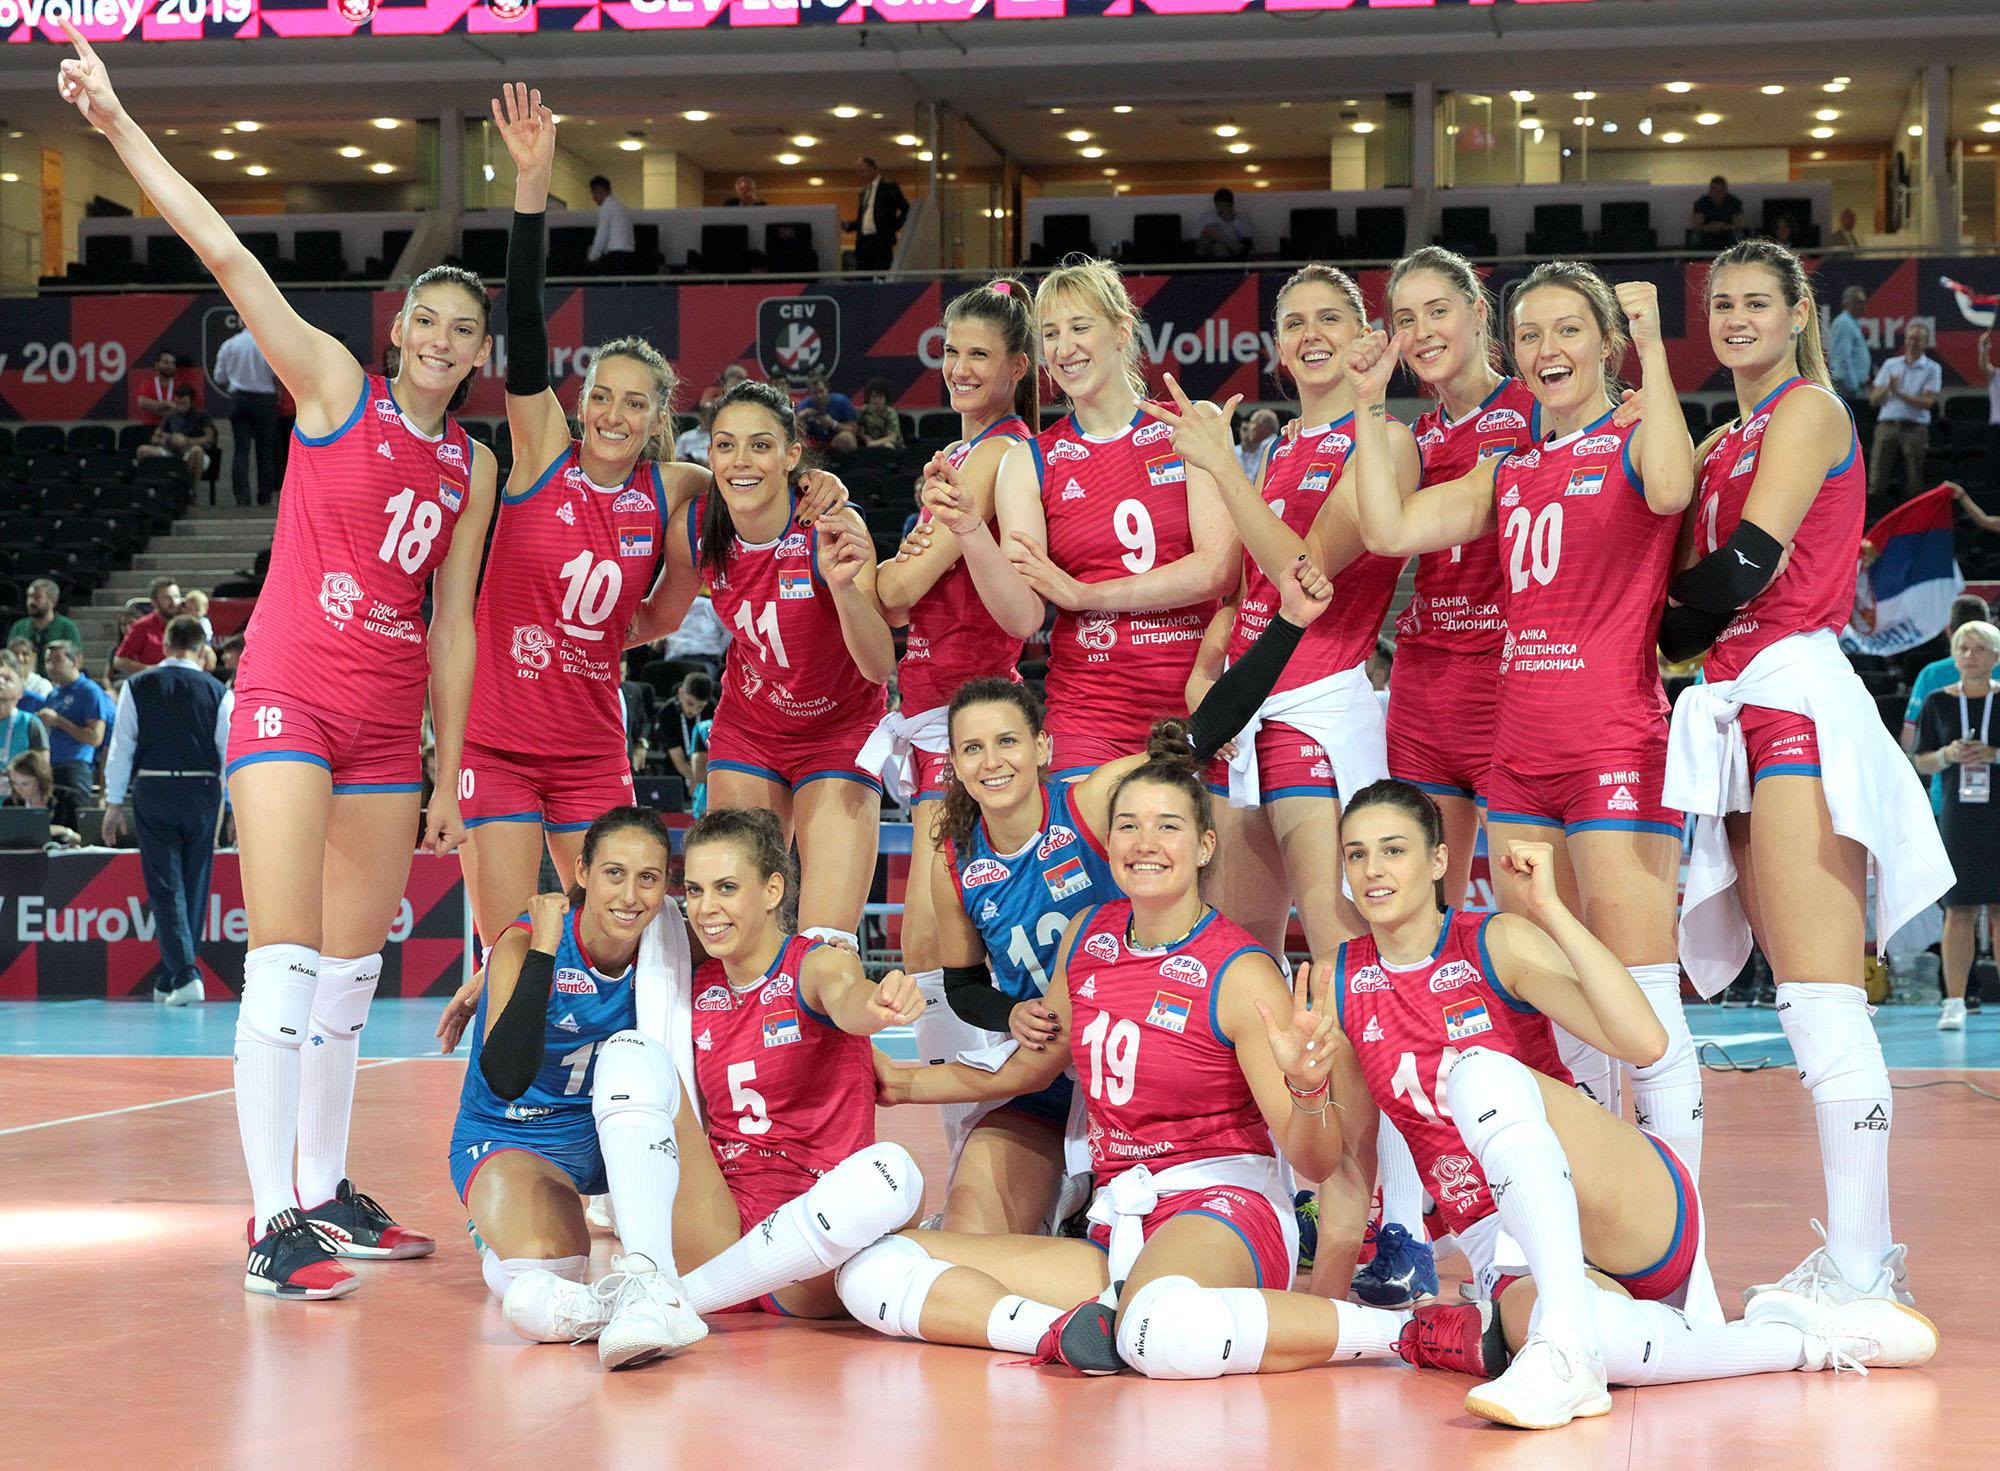 Srbija odbranila titulu prvaka Evrope!